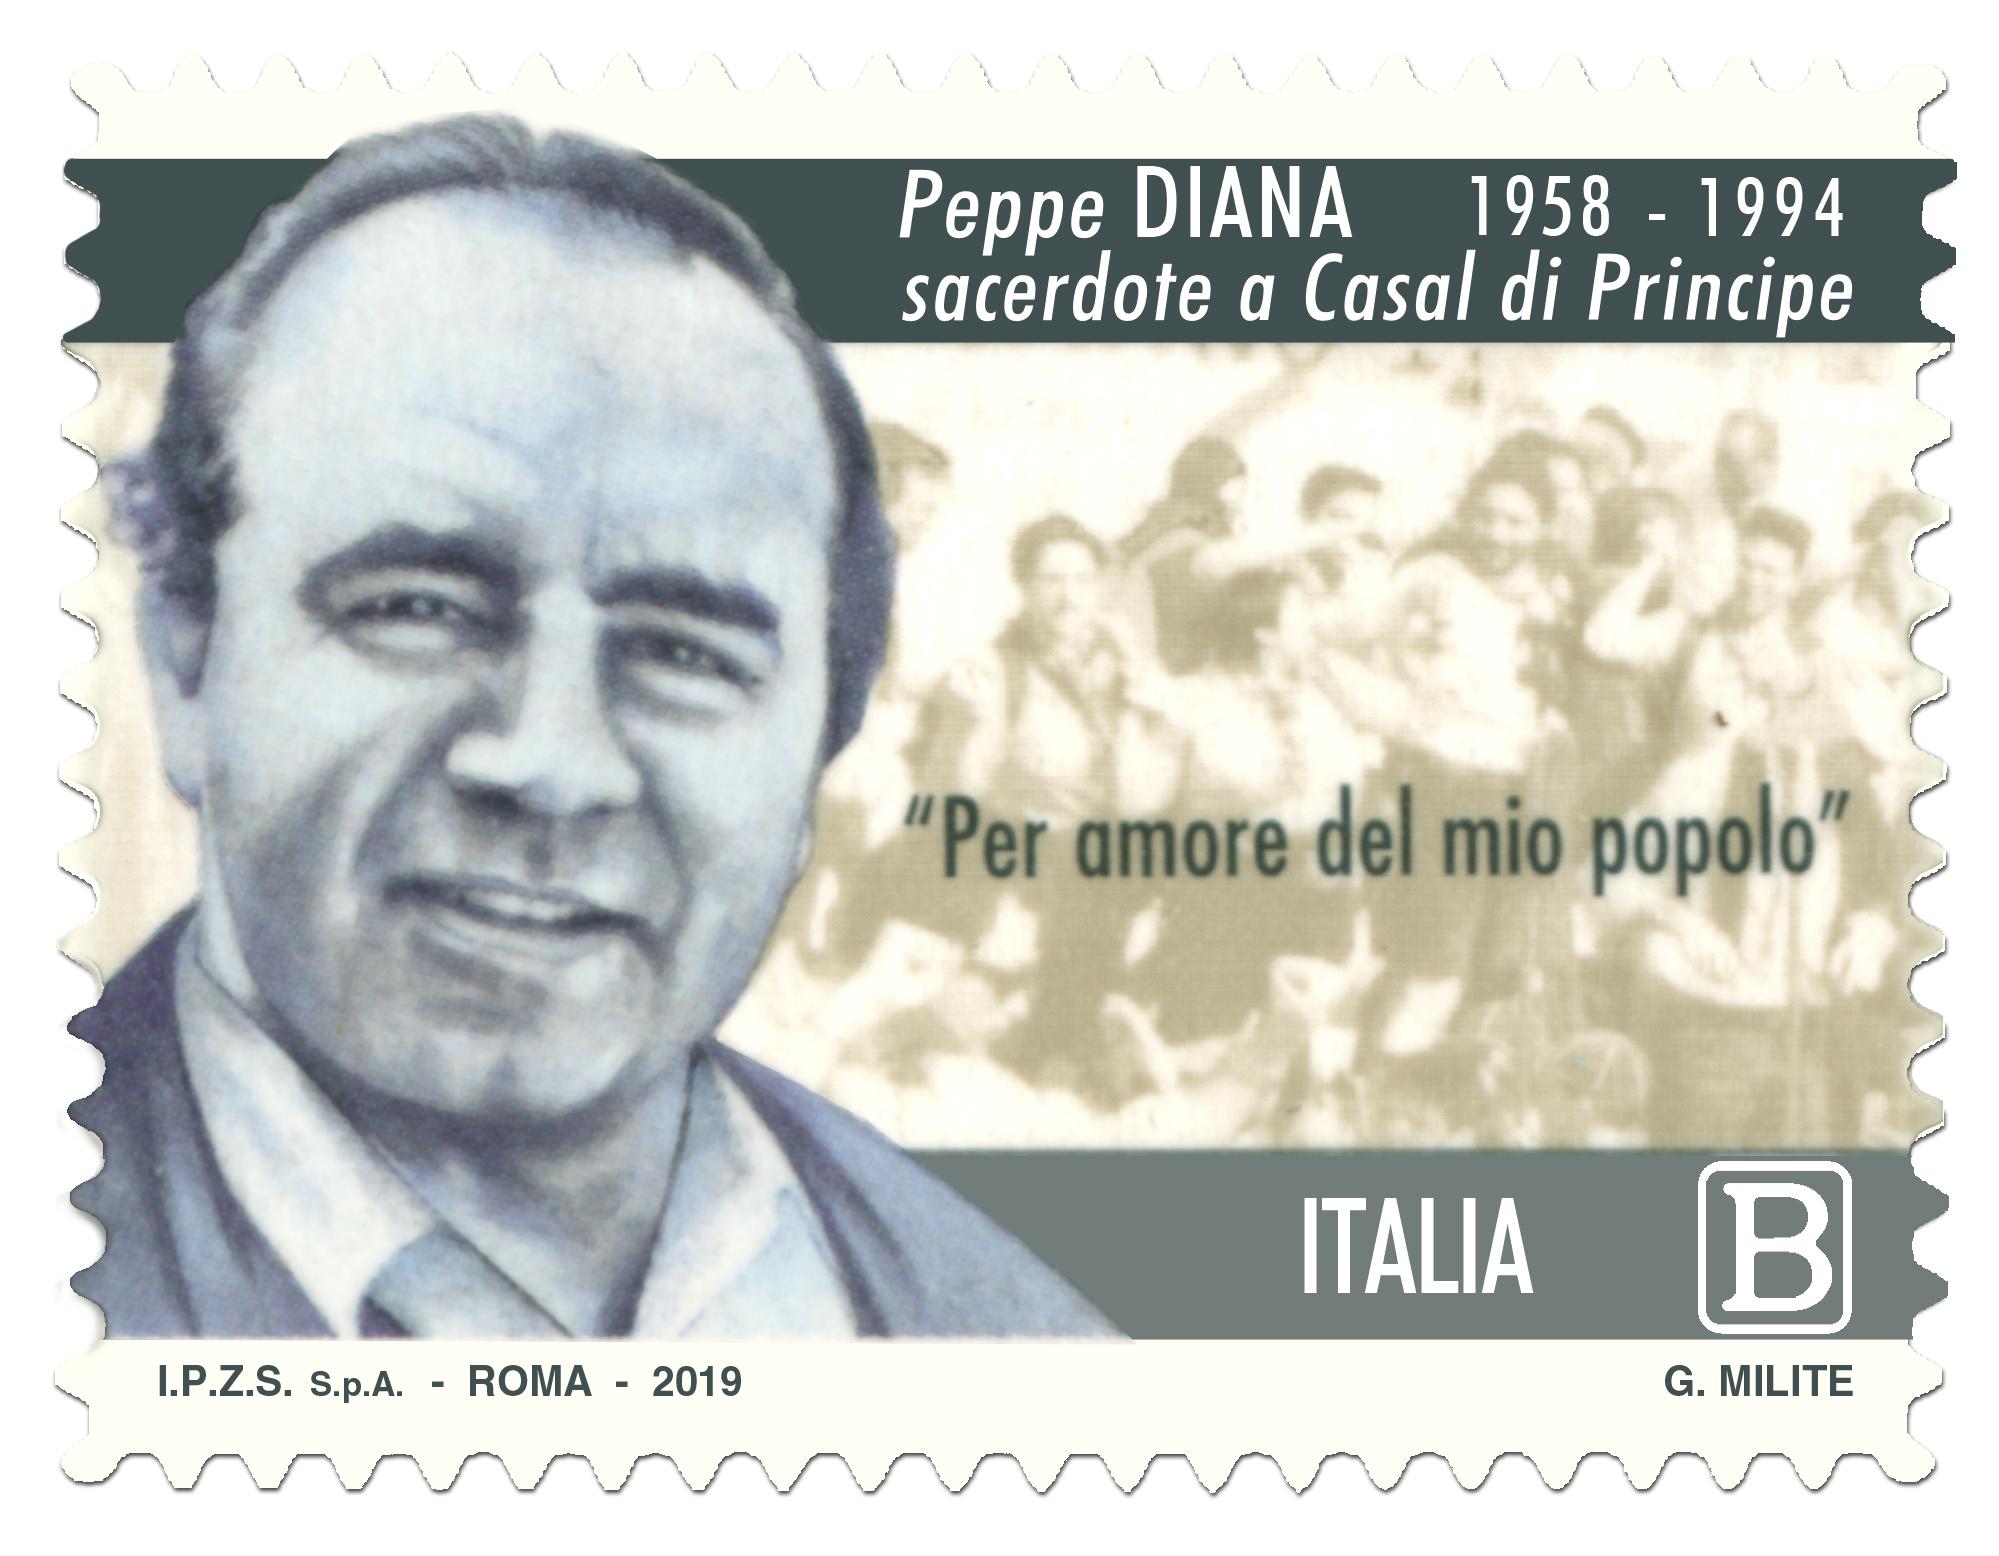 Oggi Poste Italiane ha emesso un francobollo dedicato a don Peppino Diana